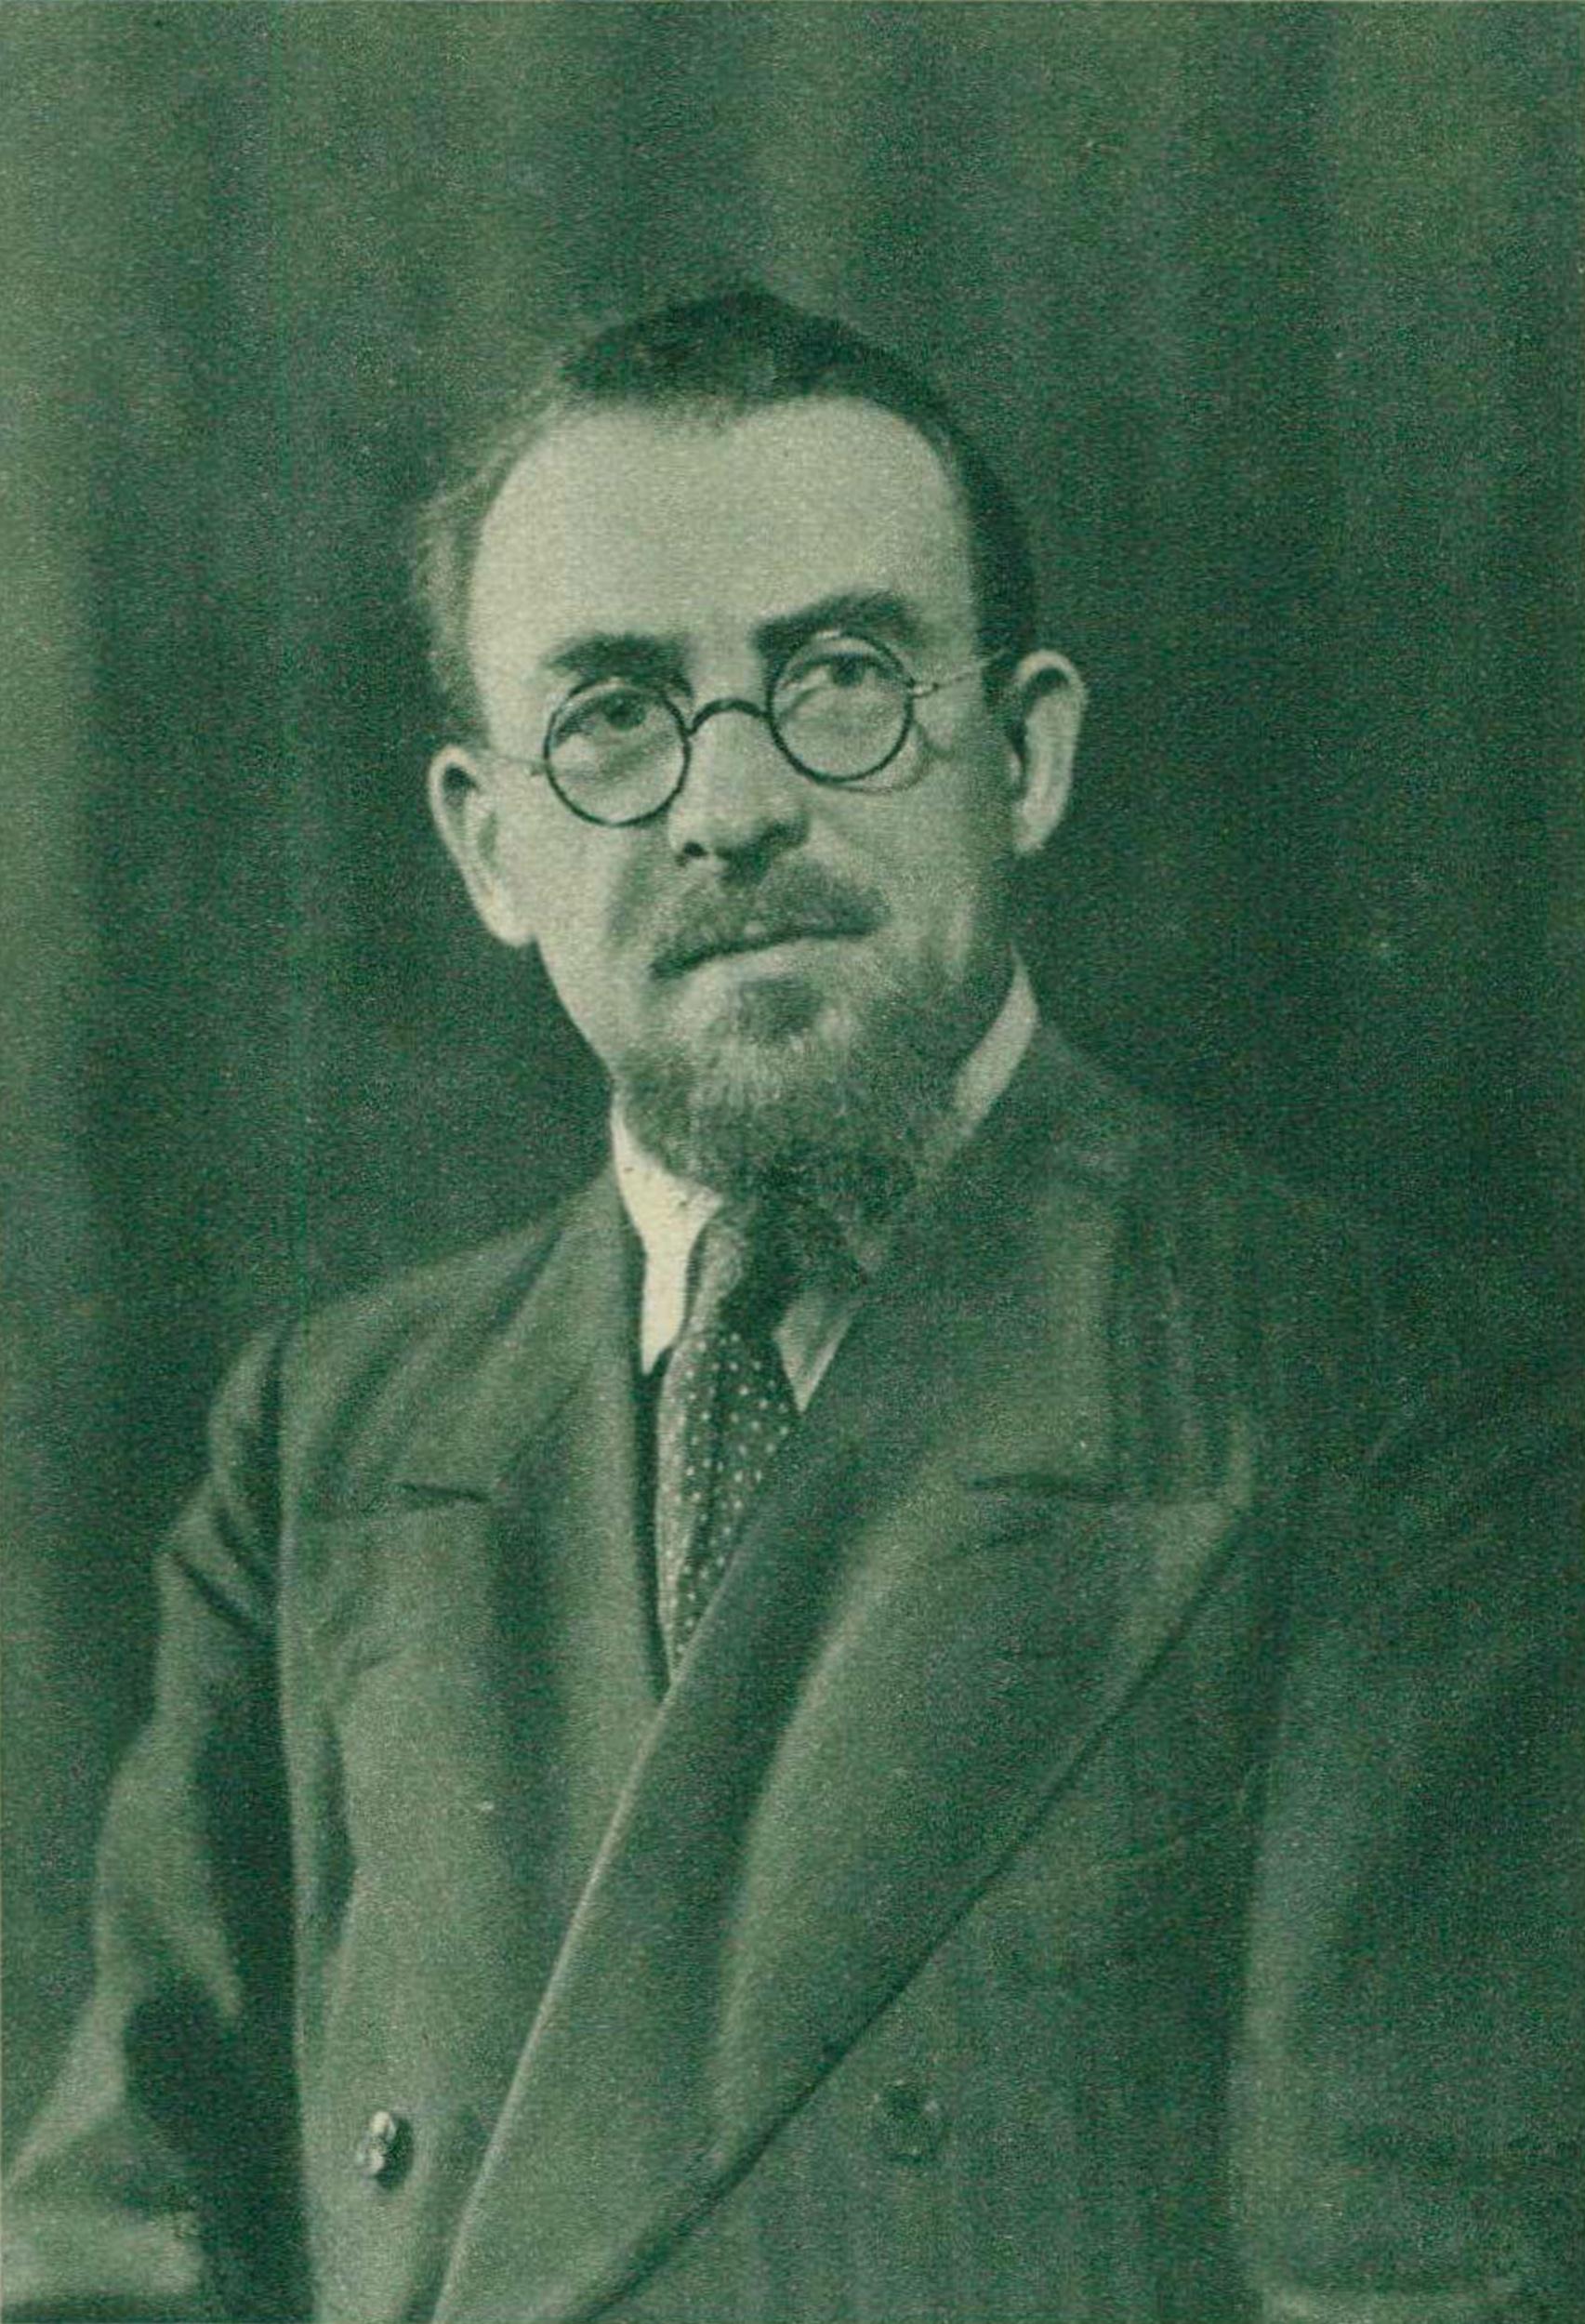 Albert PAYCHÈRE, un portrait fait par J.Richter publié entre autres dans la revue Le Radio du 29 mars 1935, No 625, page 589 - Cliquer sur la photo pour une vue agrandie et les références